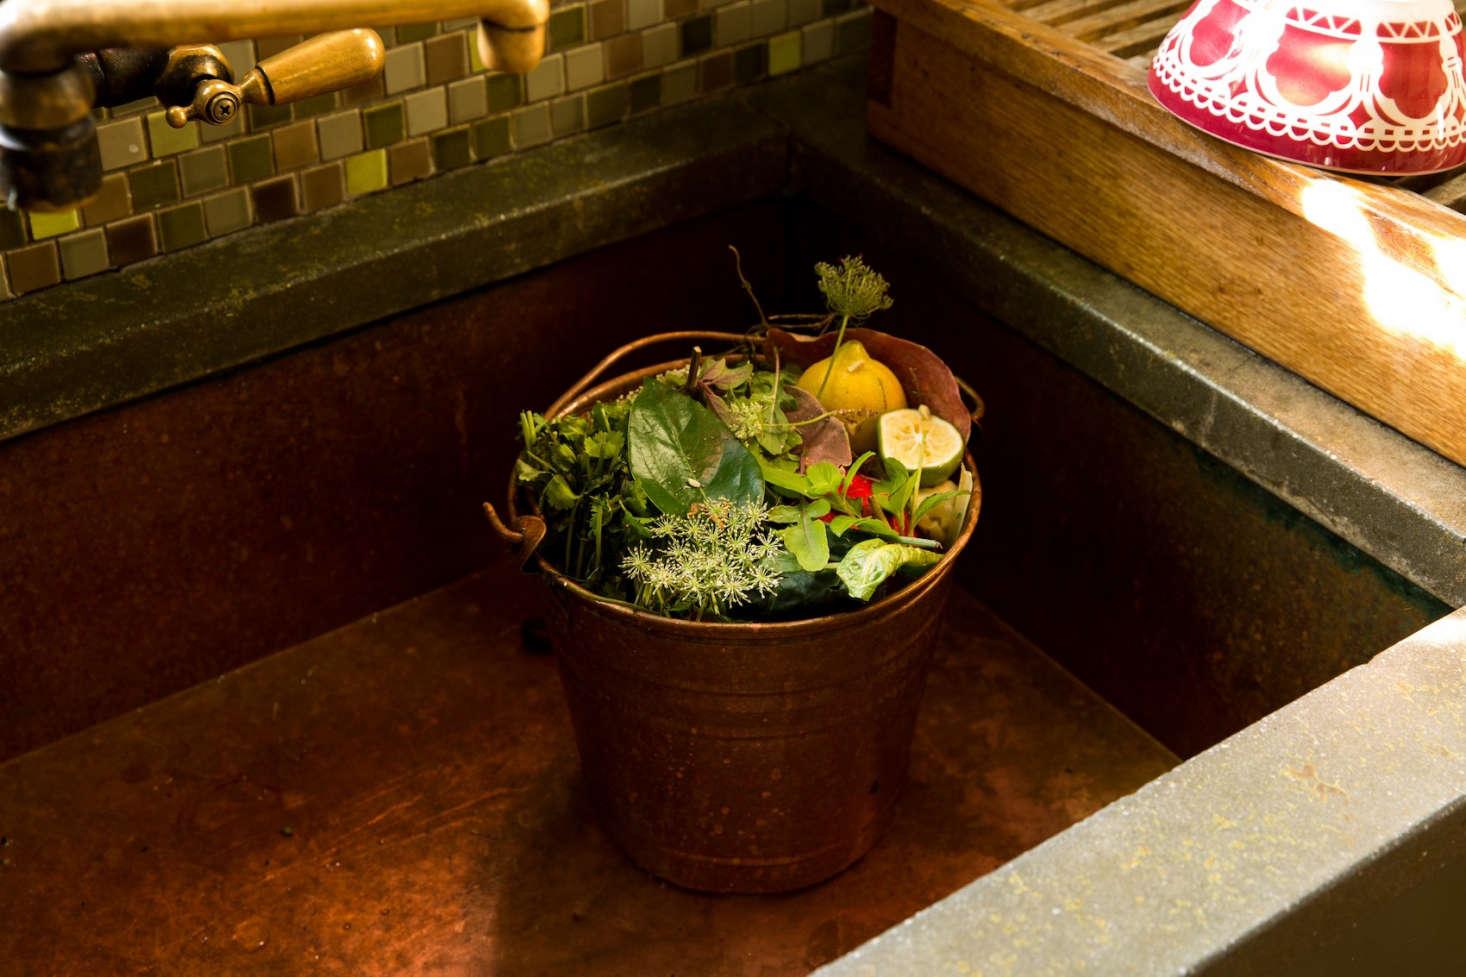 蒂姆·沃尔多夫在厨房里,她的钱包在加州,在她的房间里。在丹尼尔·伯克的照片里,在《爱丽丝》,还有一个叫西蒙·弗雷斯·帕克的照片。